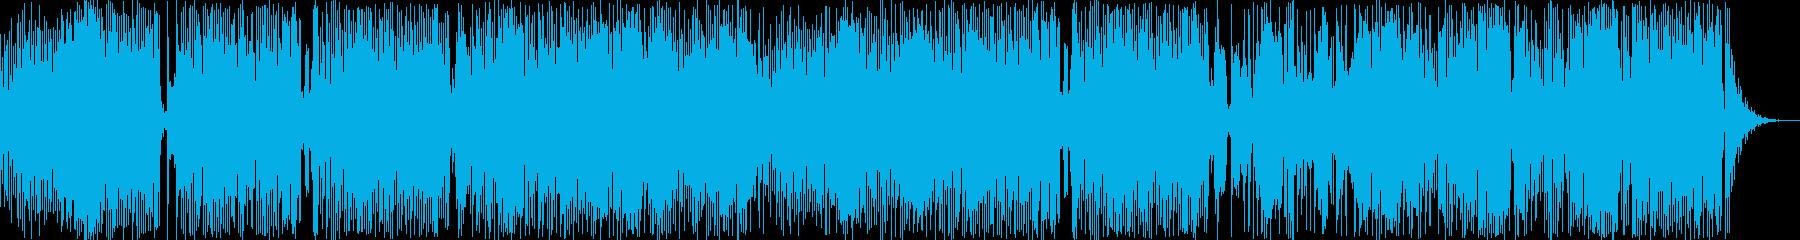 いえ サスペンス 技術的な クール...の再生済みの波形